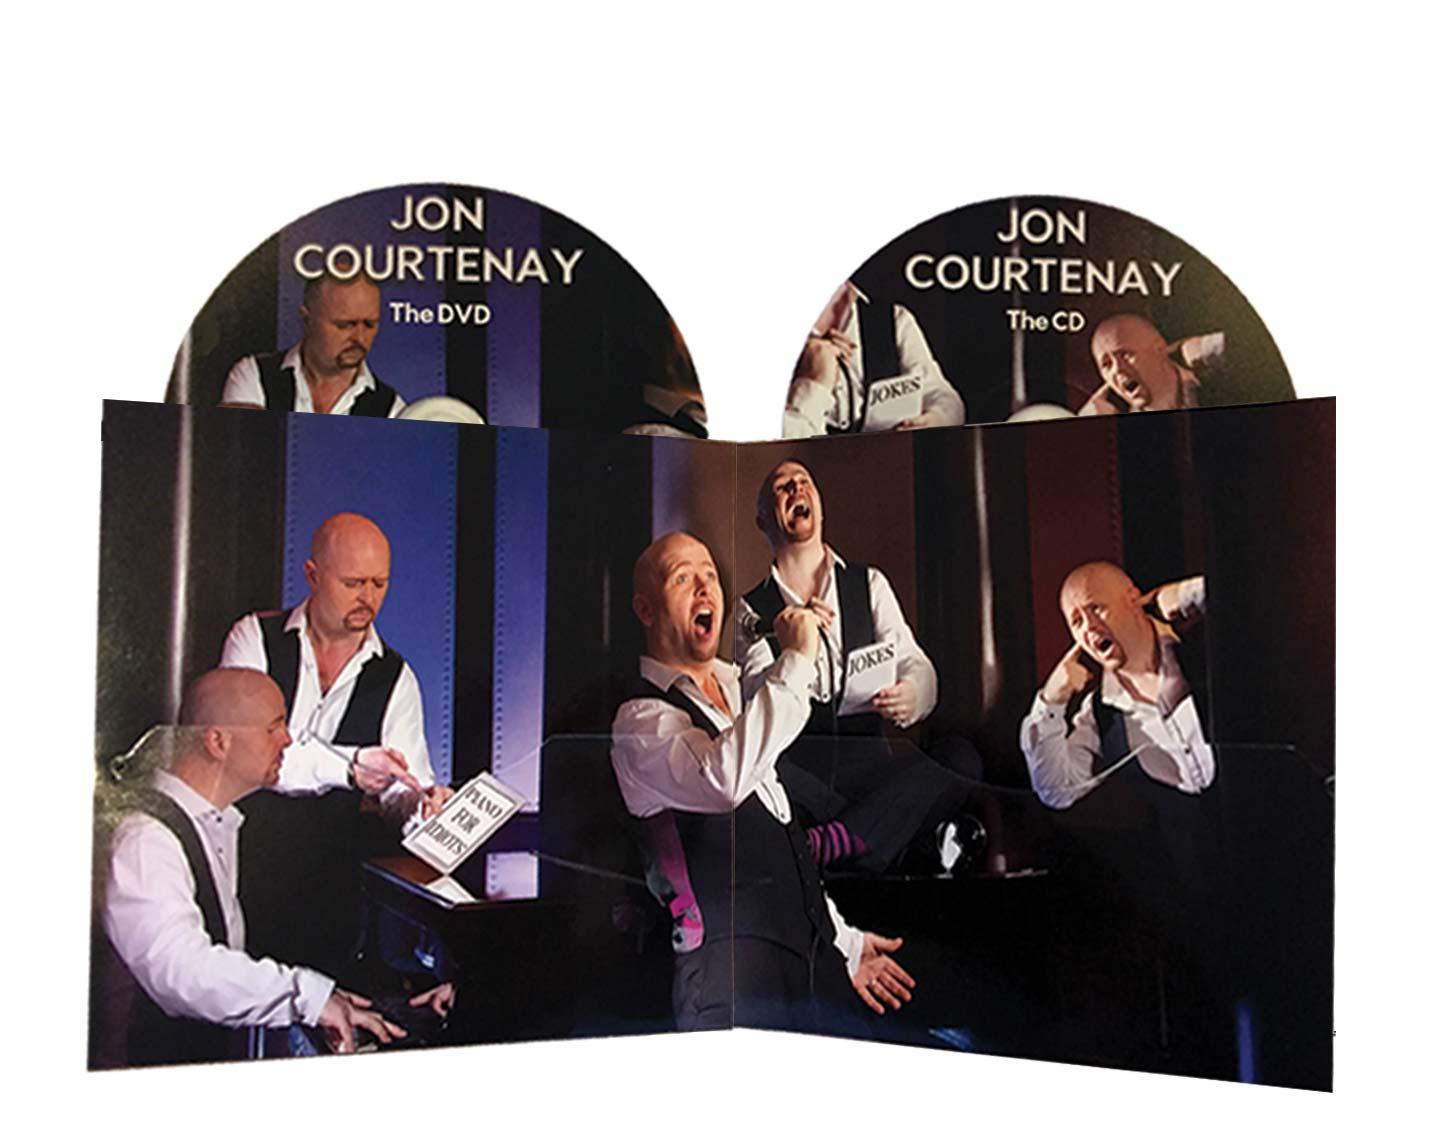 Jon Courtenay The Twisted Pianist Jon Courtenay The Twisted Pianist